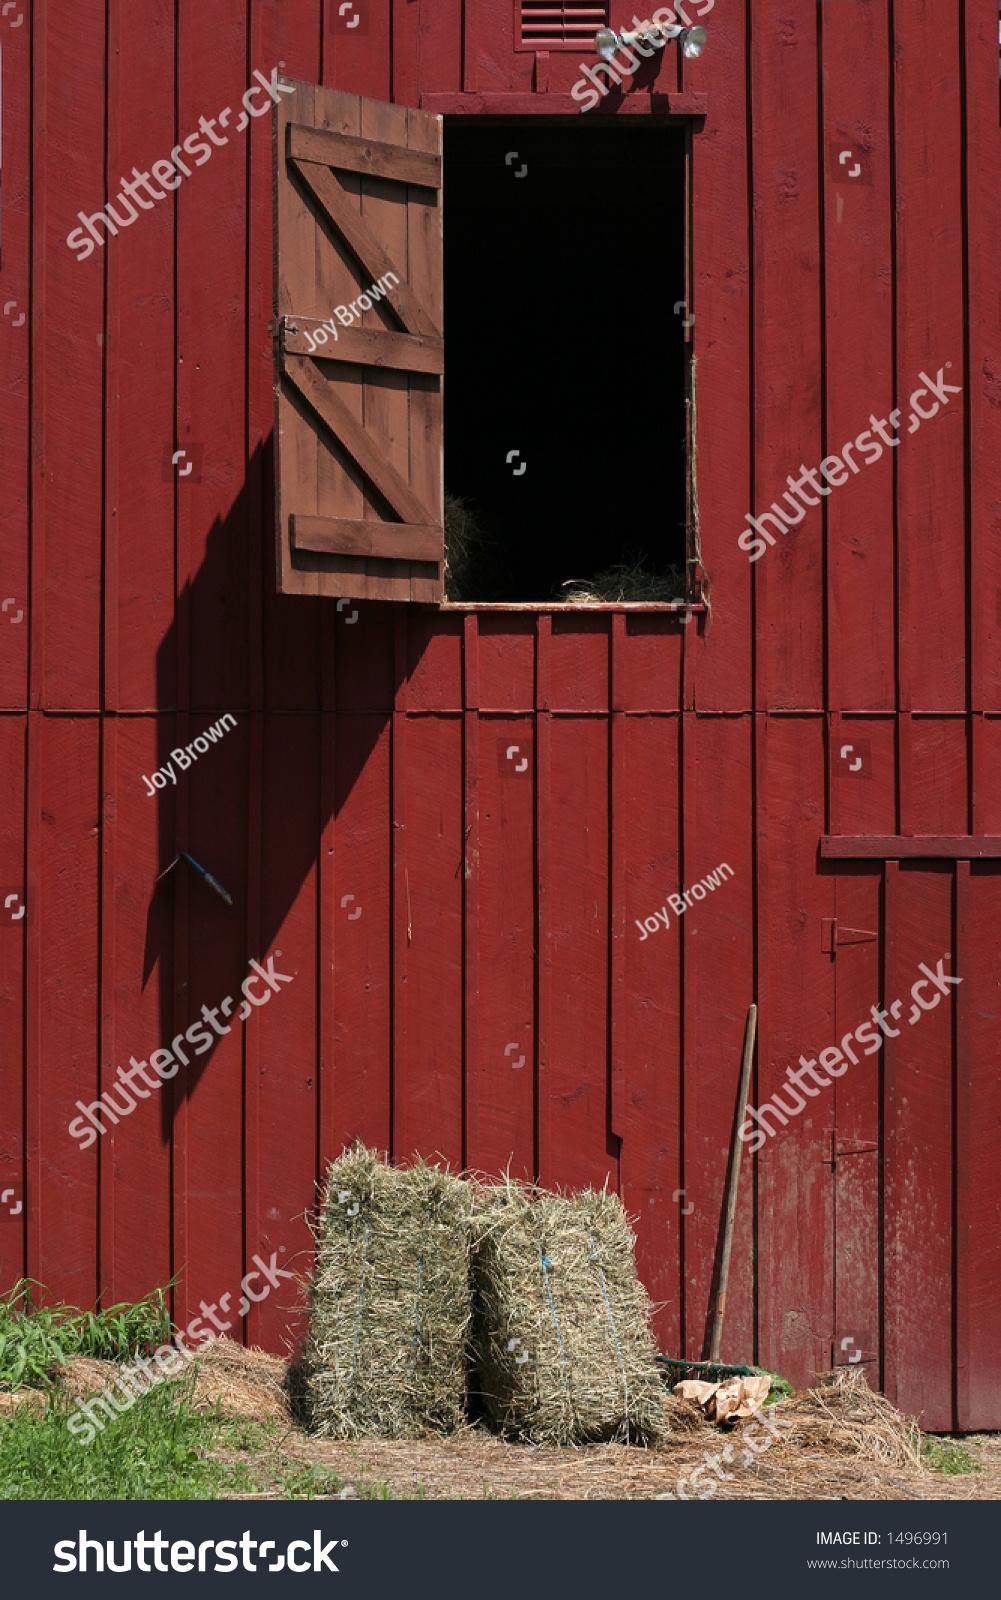 Red Barn Hay Loft Door Open Stock Photo 1496991 - Shutterstock